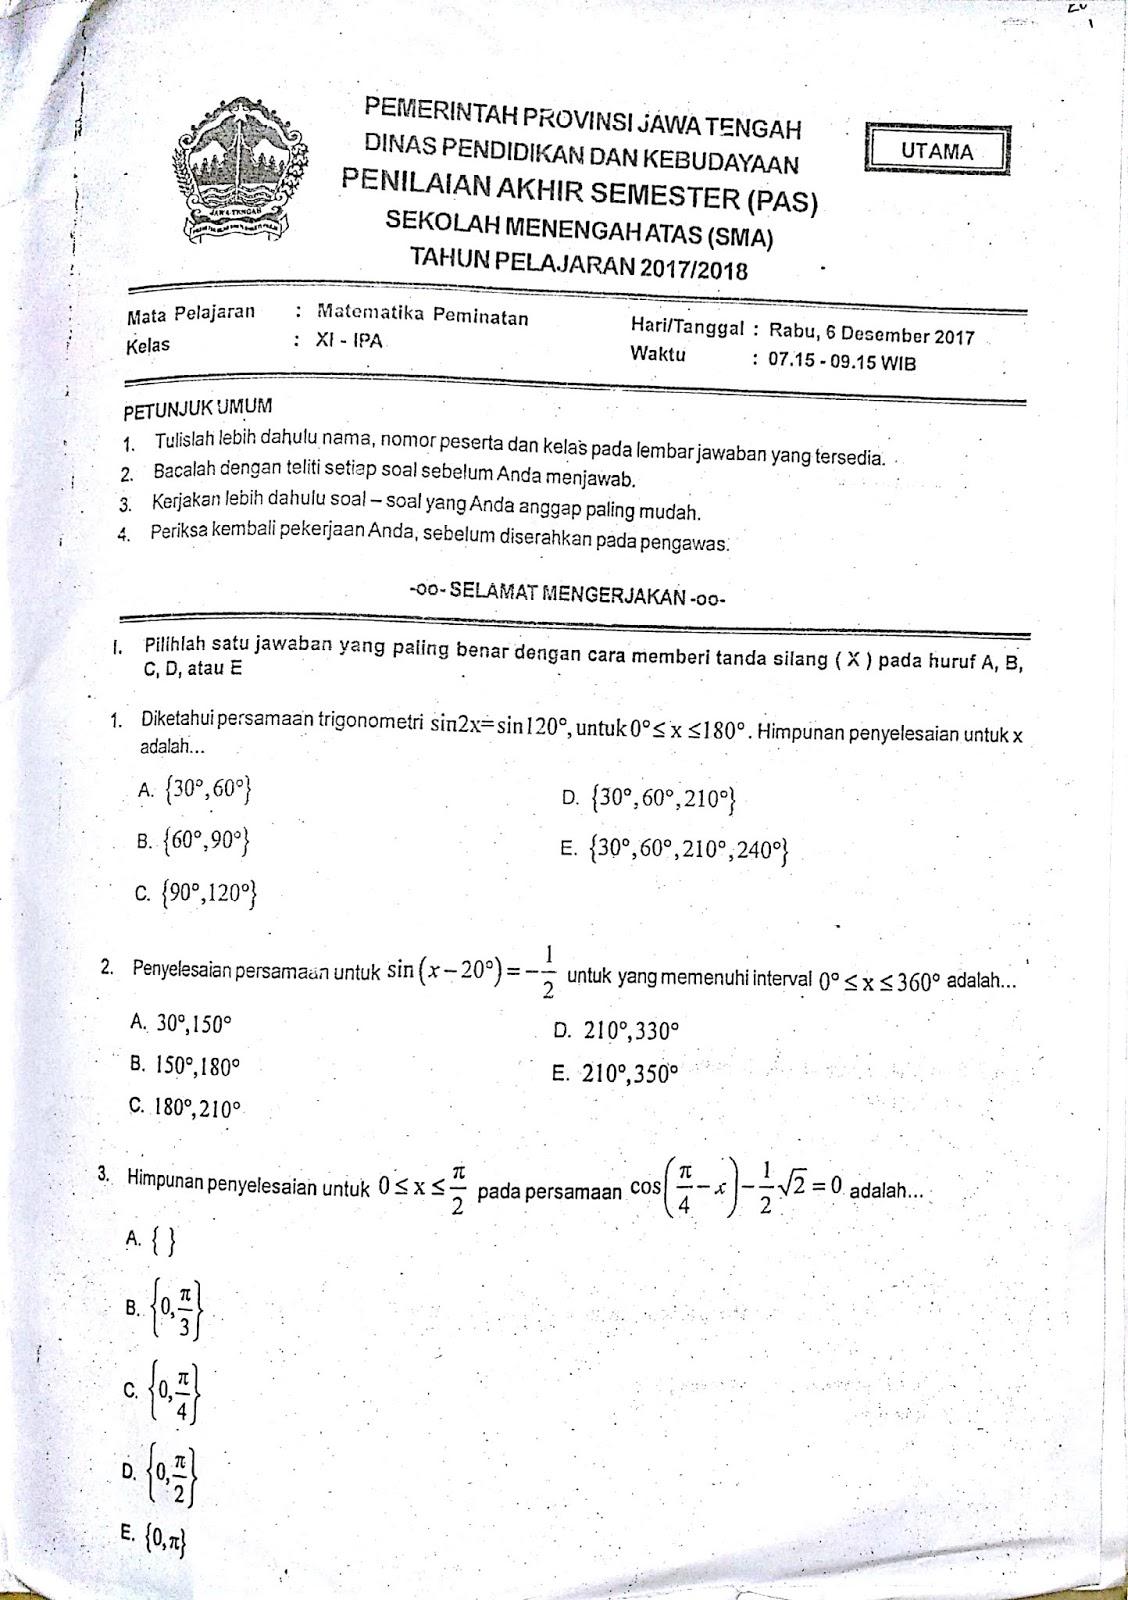 Soal Matematika Kelas 11 Semester 1 Dan Jawabannya : matematika, kelas, semester, jawabannya, Contoh, Matematika, Semester, Kelas, Dapatkan